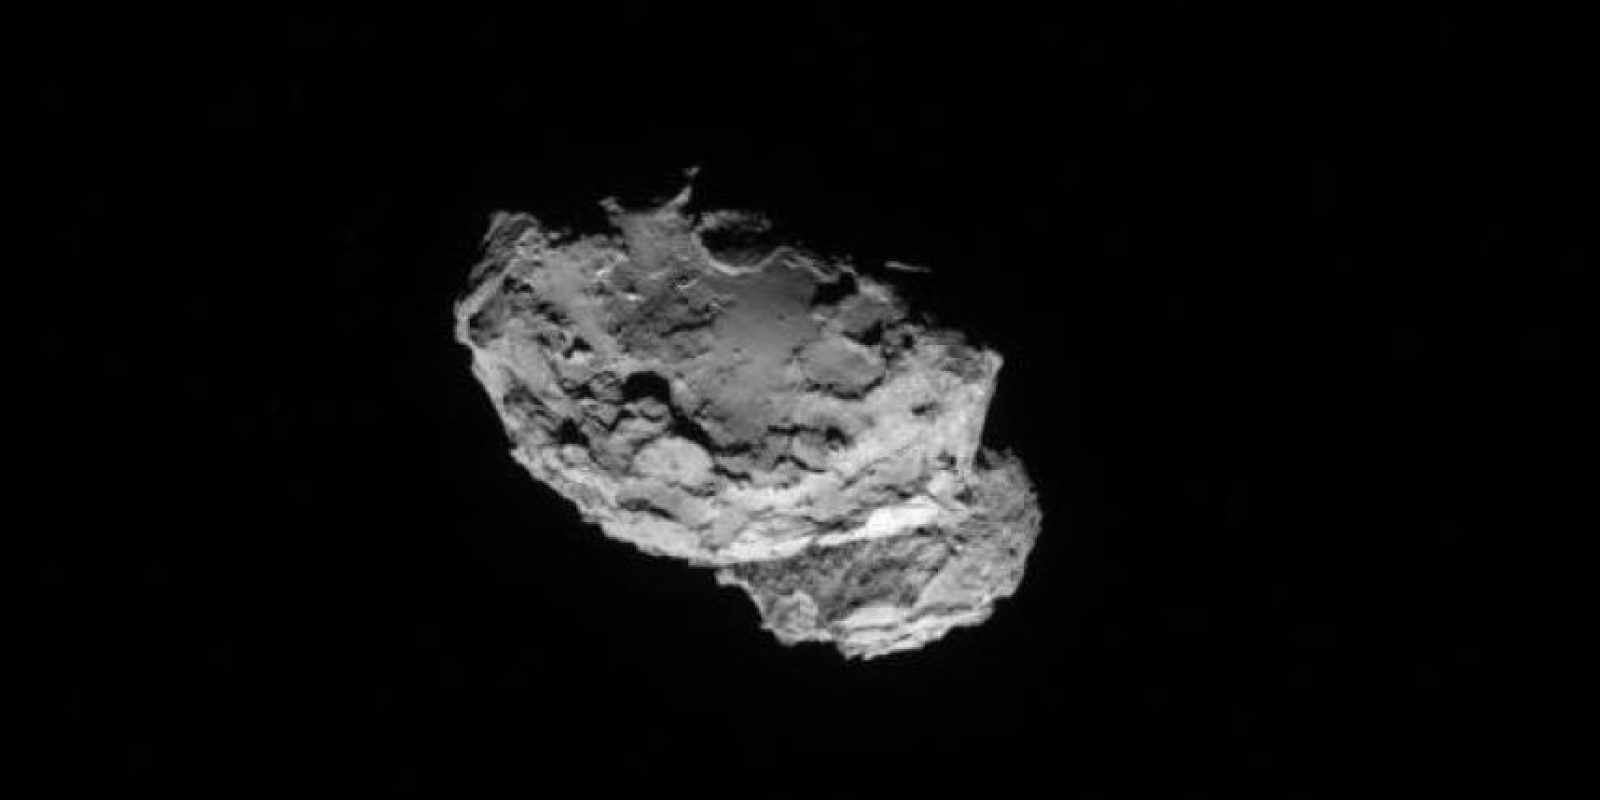 El asteroide pasará a una distancia alrededor de 310 mil millas (498 mil 896 kilómetros) de la Tierra. Foto:Vía nasa.gov